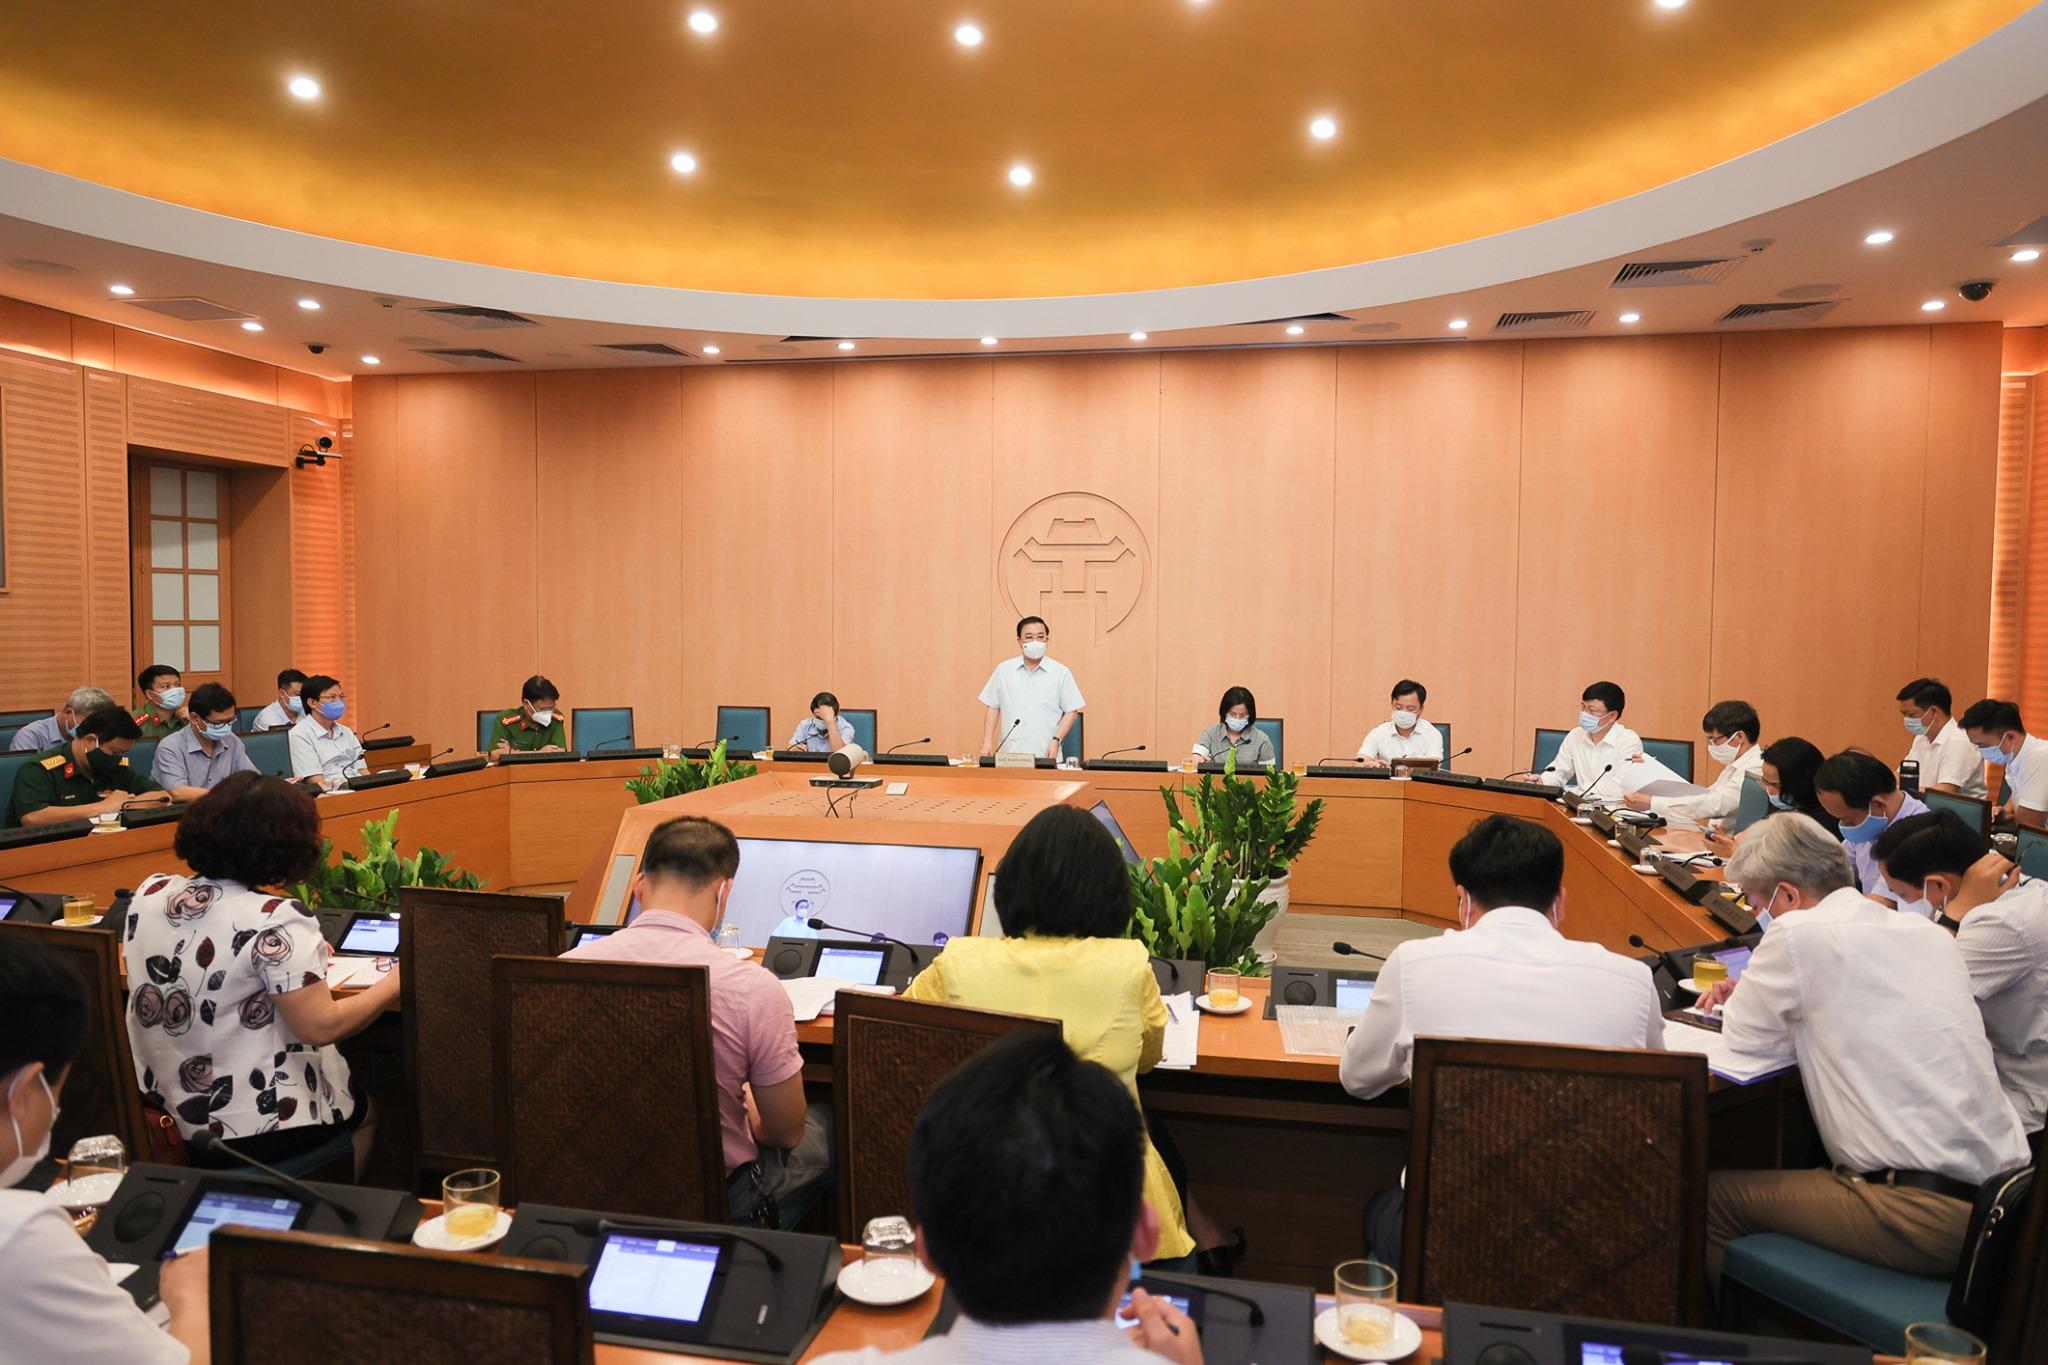 Hà Nội: Bác sĩ dương tính COVID-19 đi hát karaoke ở chùa Láng, F1 rải rác ở 5 quận huyện - Ảnh 1.